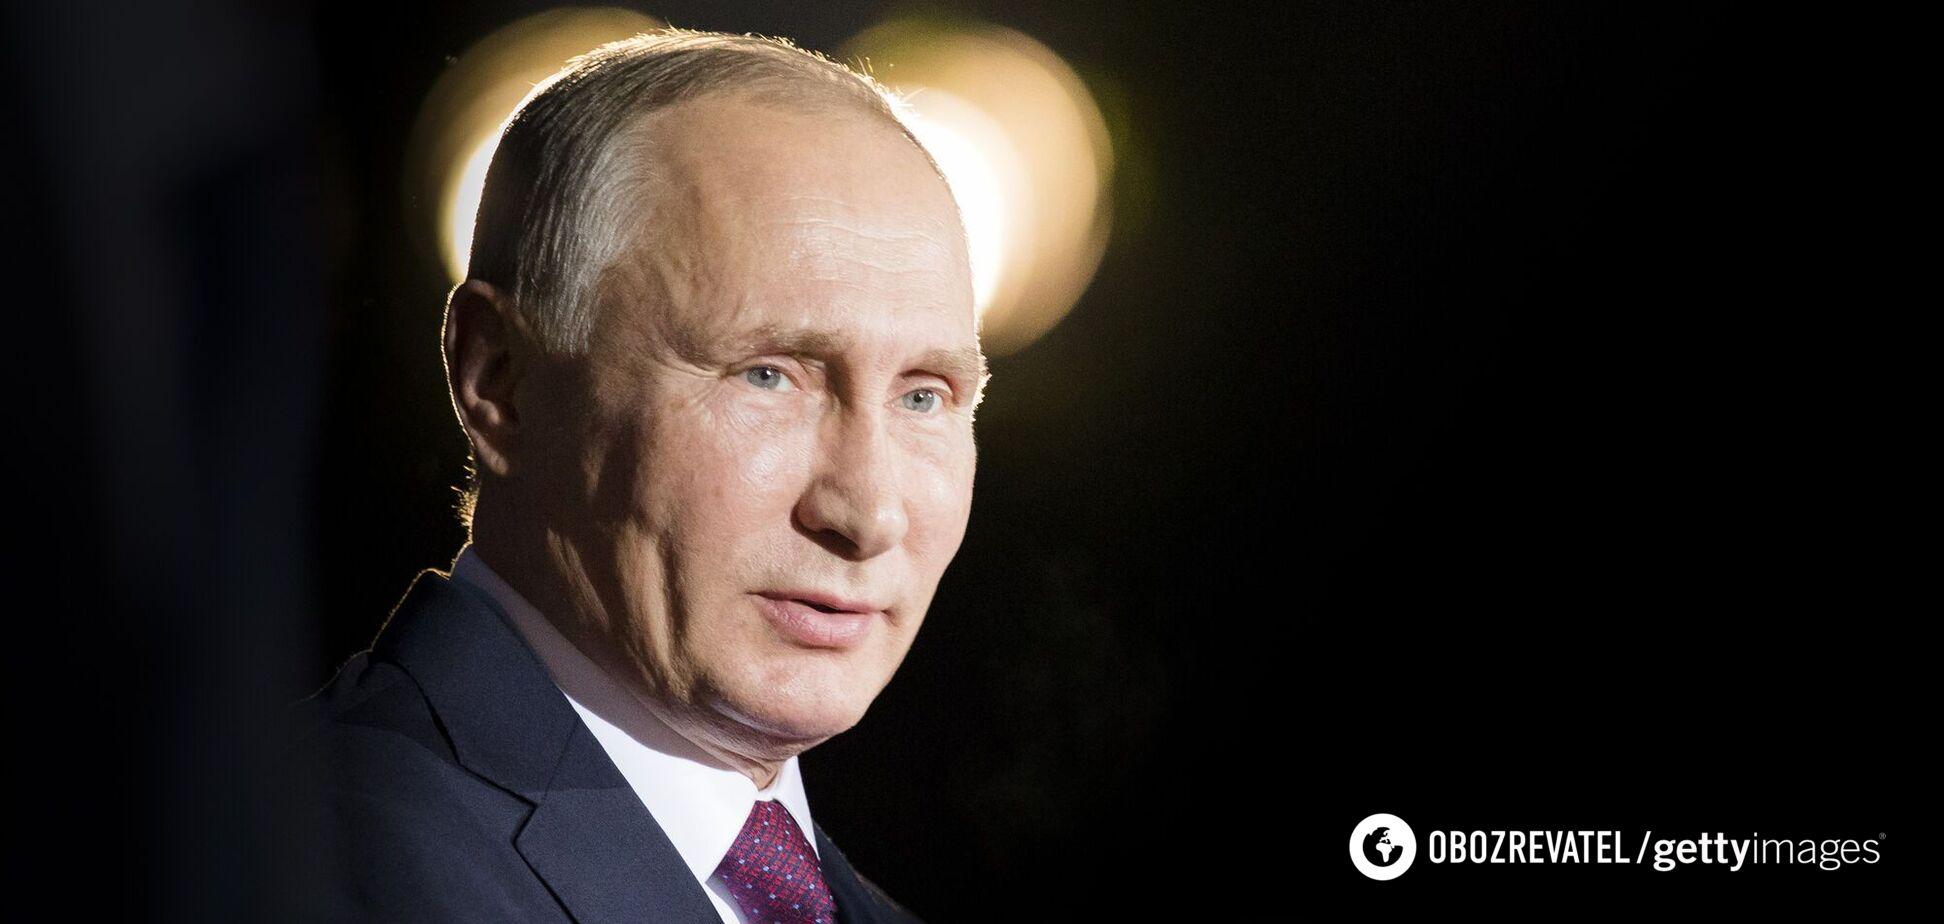 Конспірологічні версії про хвороби Путіна